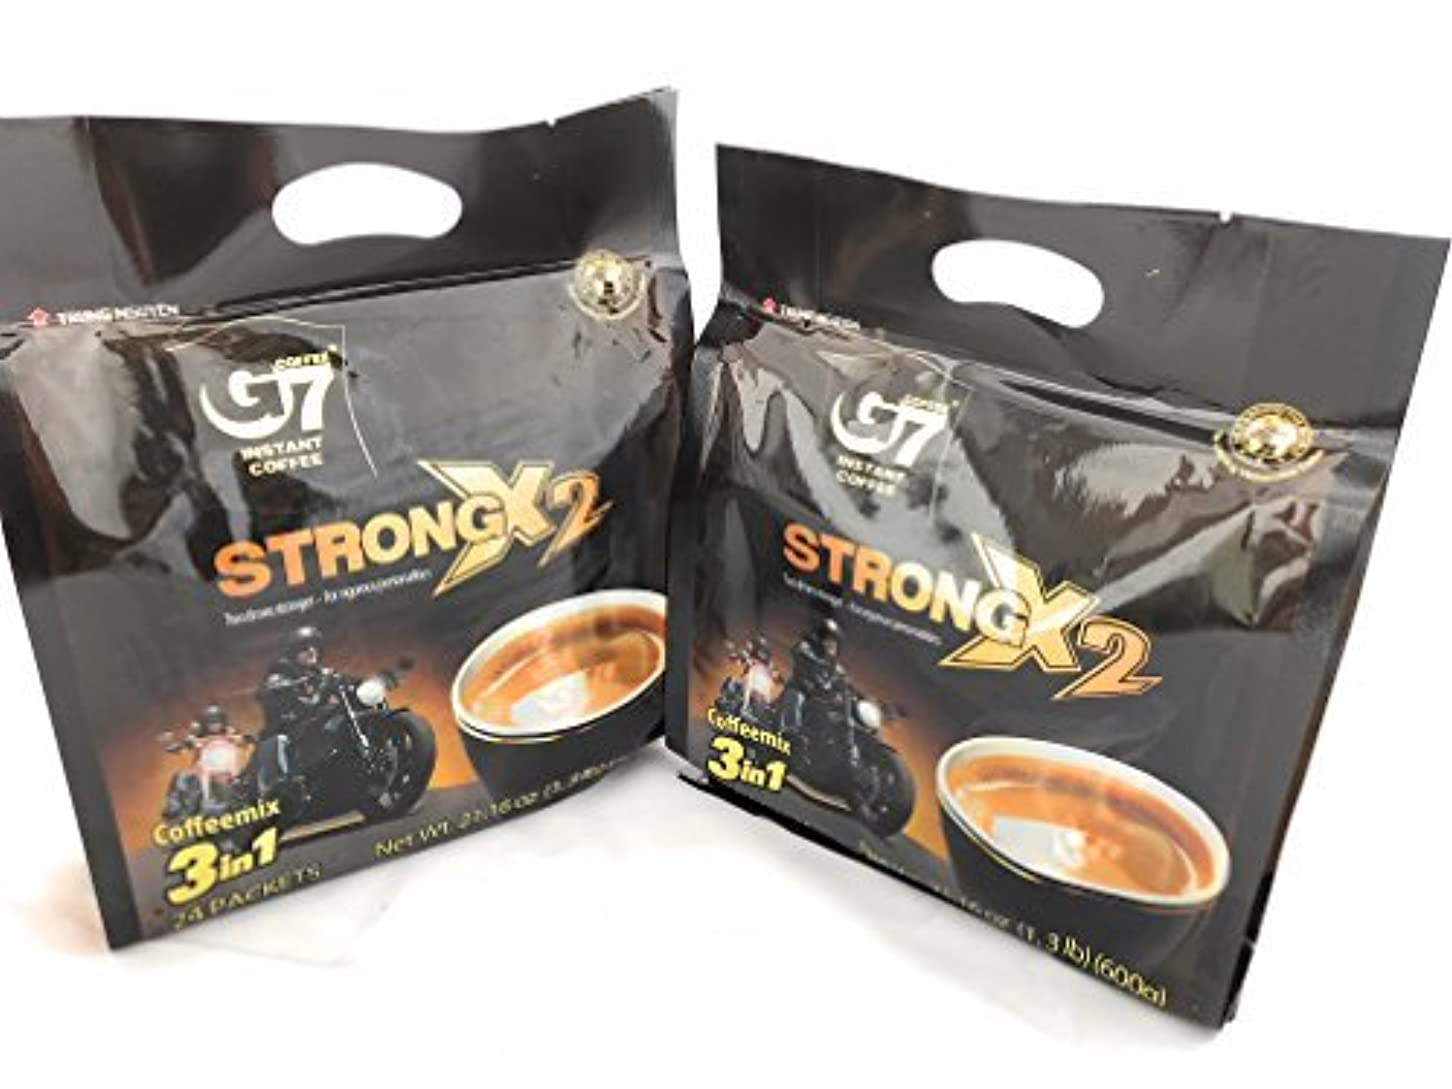 ハグフェンス影響するG7 STRONG 2X Vietnamese 3 in 1 Coffee 21.16oz(600g) 24 Sticks (Pack of 2) [並行輸入品]